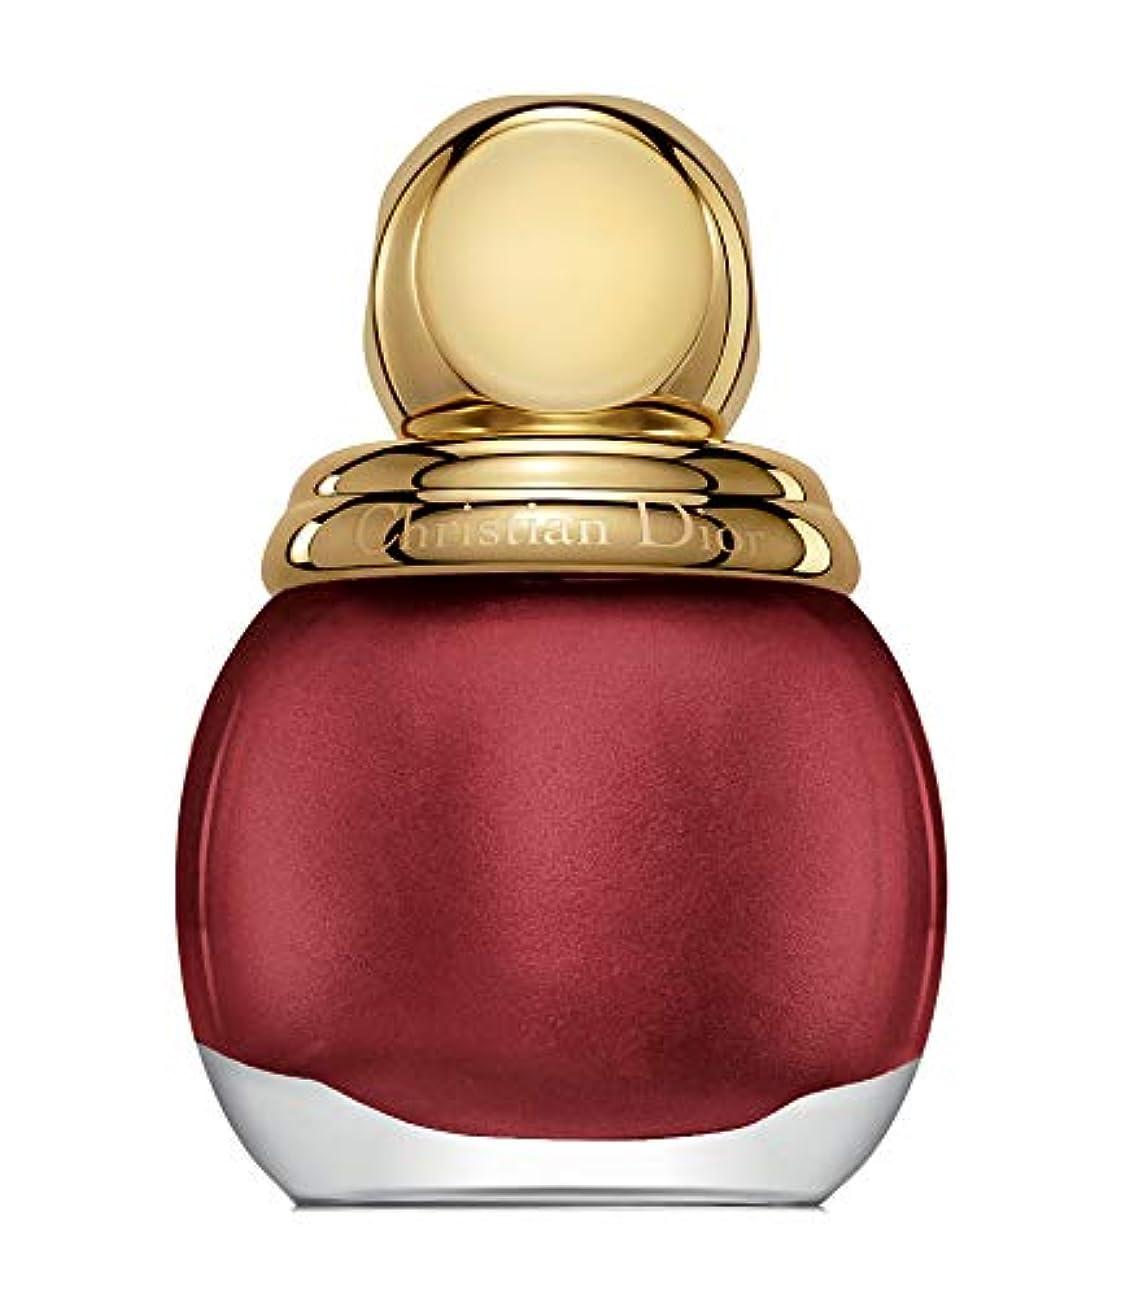 懲らしめ金銭的なホースディオール ヴェルニ ディオリフィック #760 トリオンフ 限定 Dior ネイル ネイルカラー